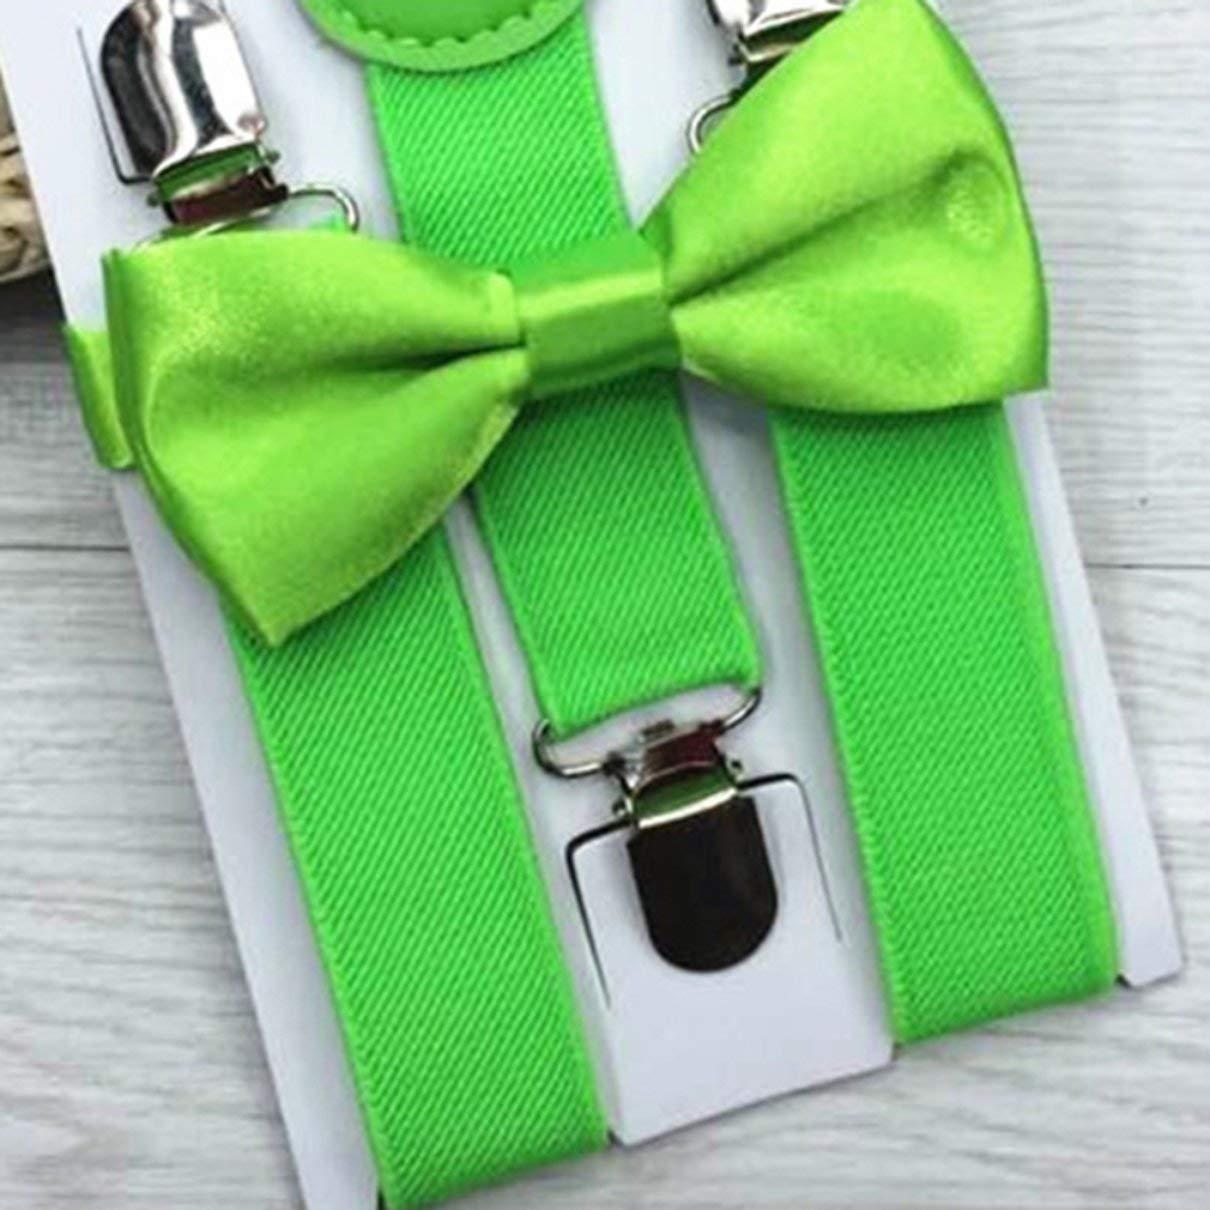 verde fluorescente fghfhfgjdfj Ajustable y el/ástico con clips de metal Tirantes de poli/éster para ni/ños y pajarita Conjunto de pajaritas Conjuntos de corbatas a juego